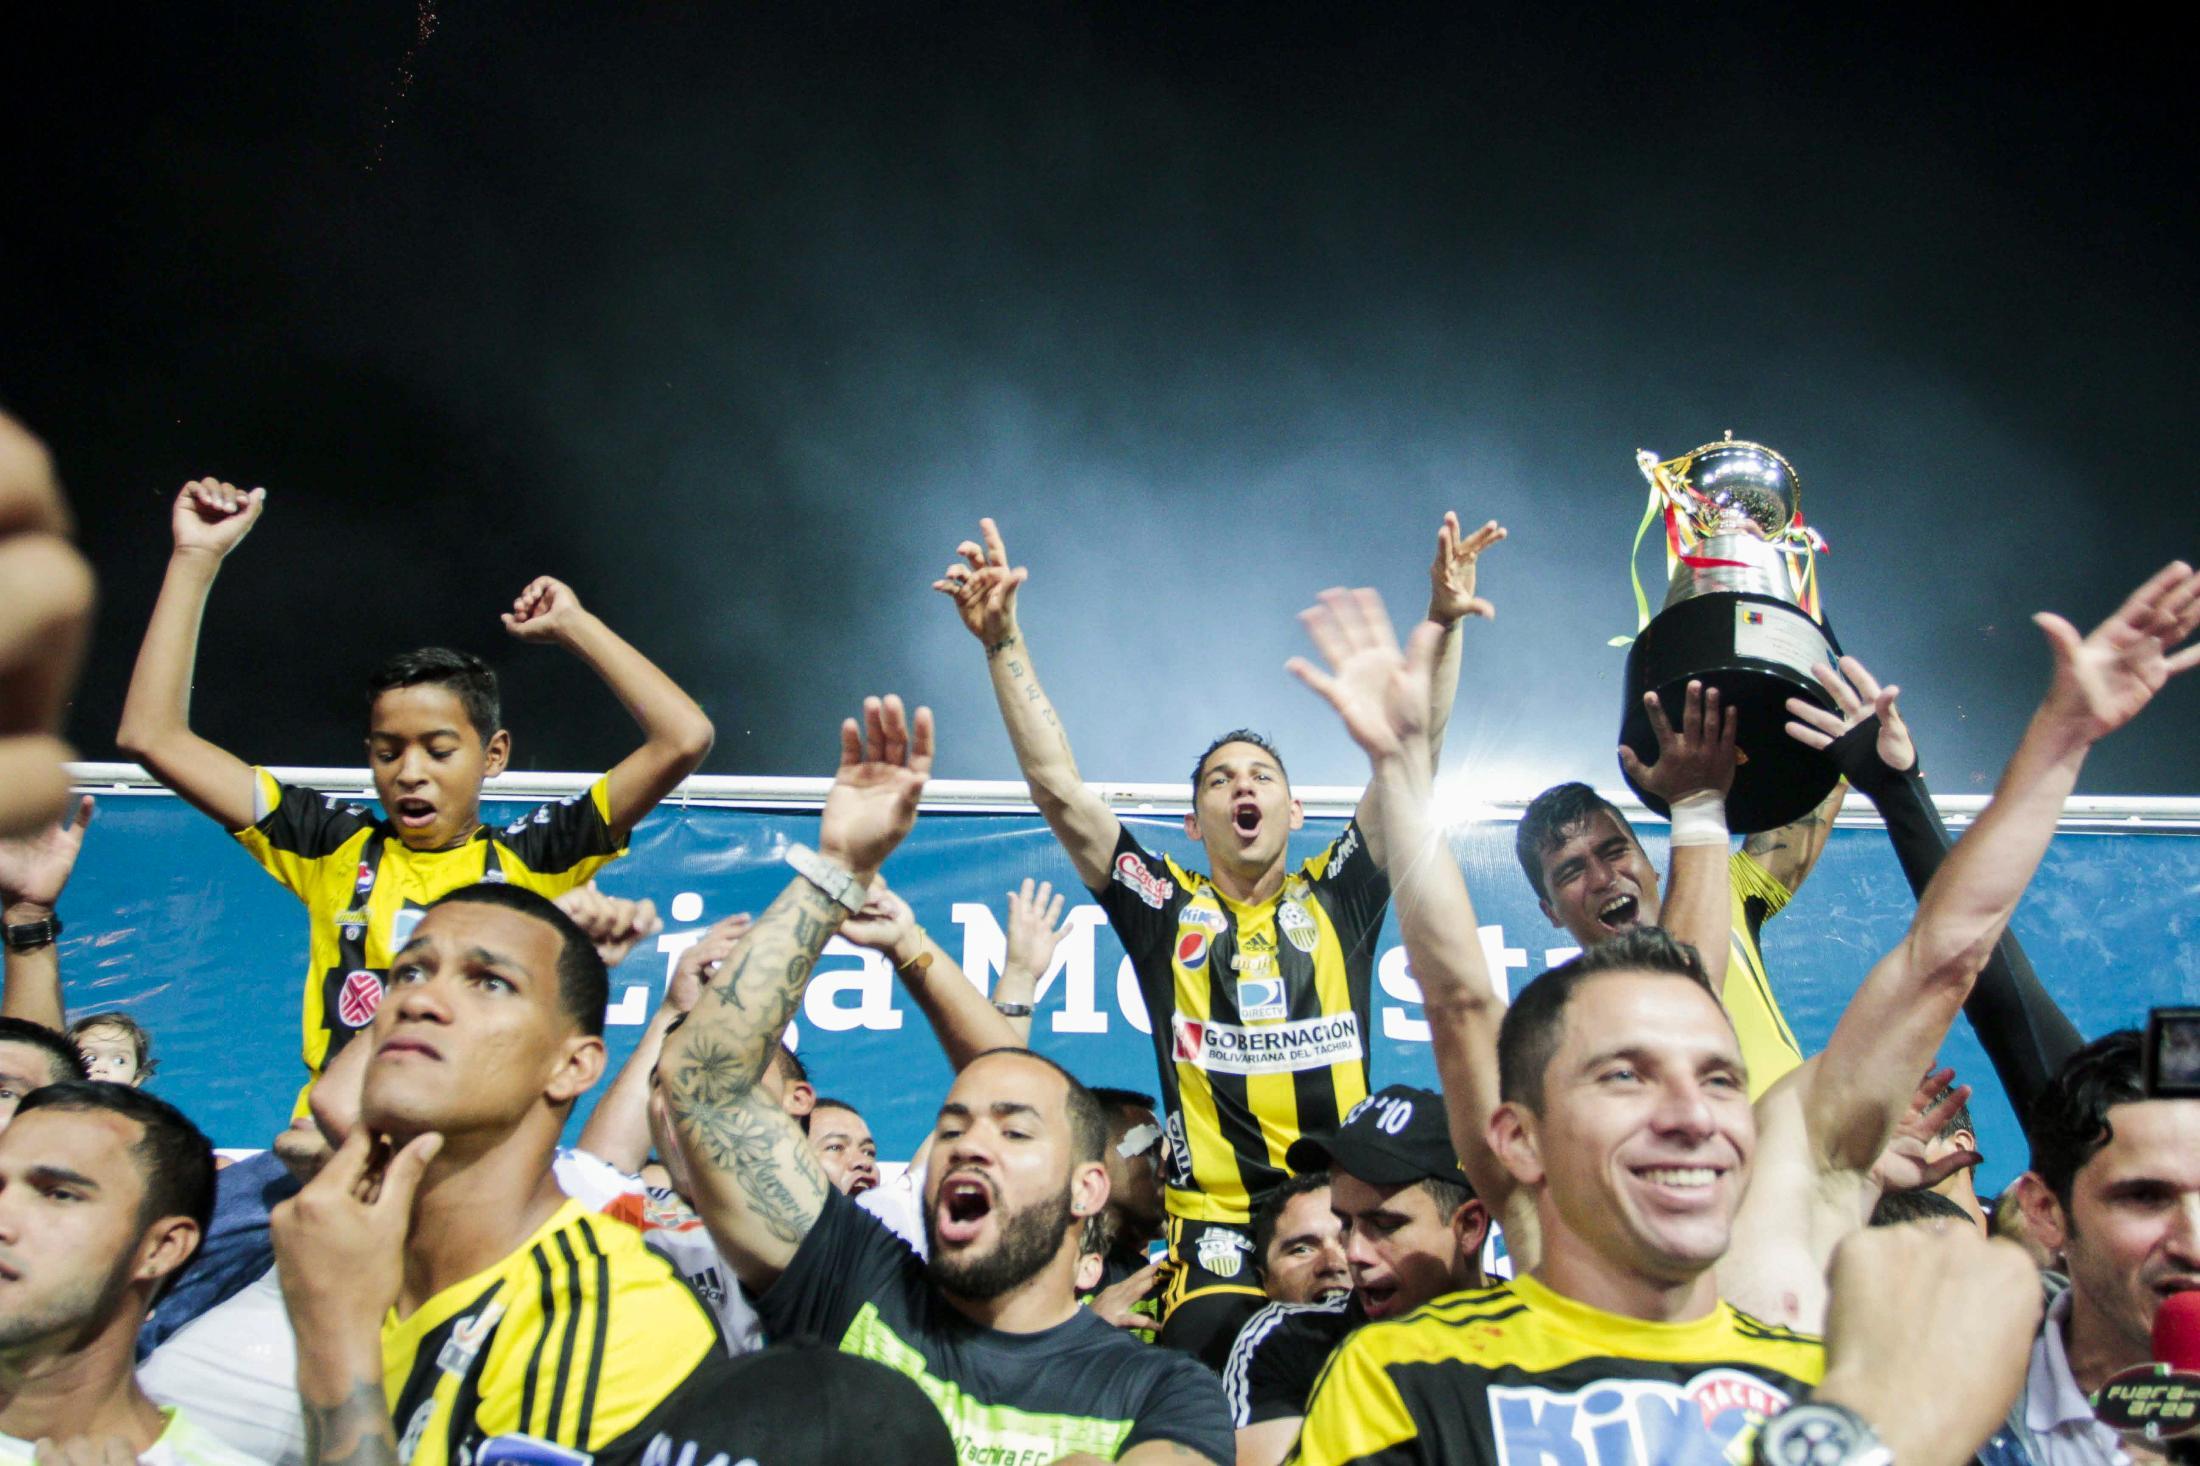 Jugadores del Deportivo Táchira, tras vencer a Trujillanos 1-0, celebran el campeonato de 2015 de la Liga de Fútbol Profesional de Venezuela. Polideportivo de Pueblo Nuevo en San Cristóbal, Venezuela, jugado el 17/05/2015.